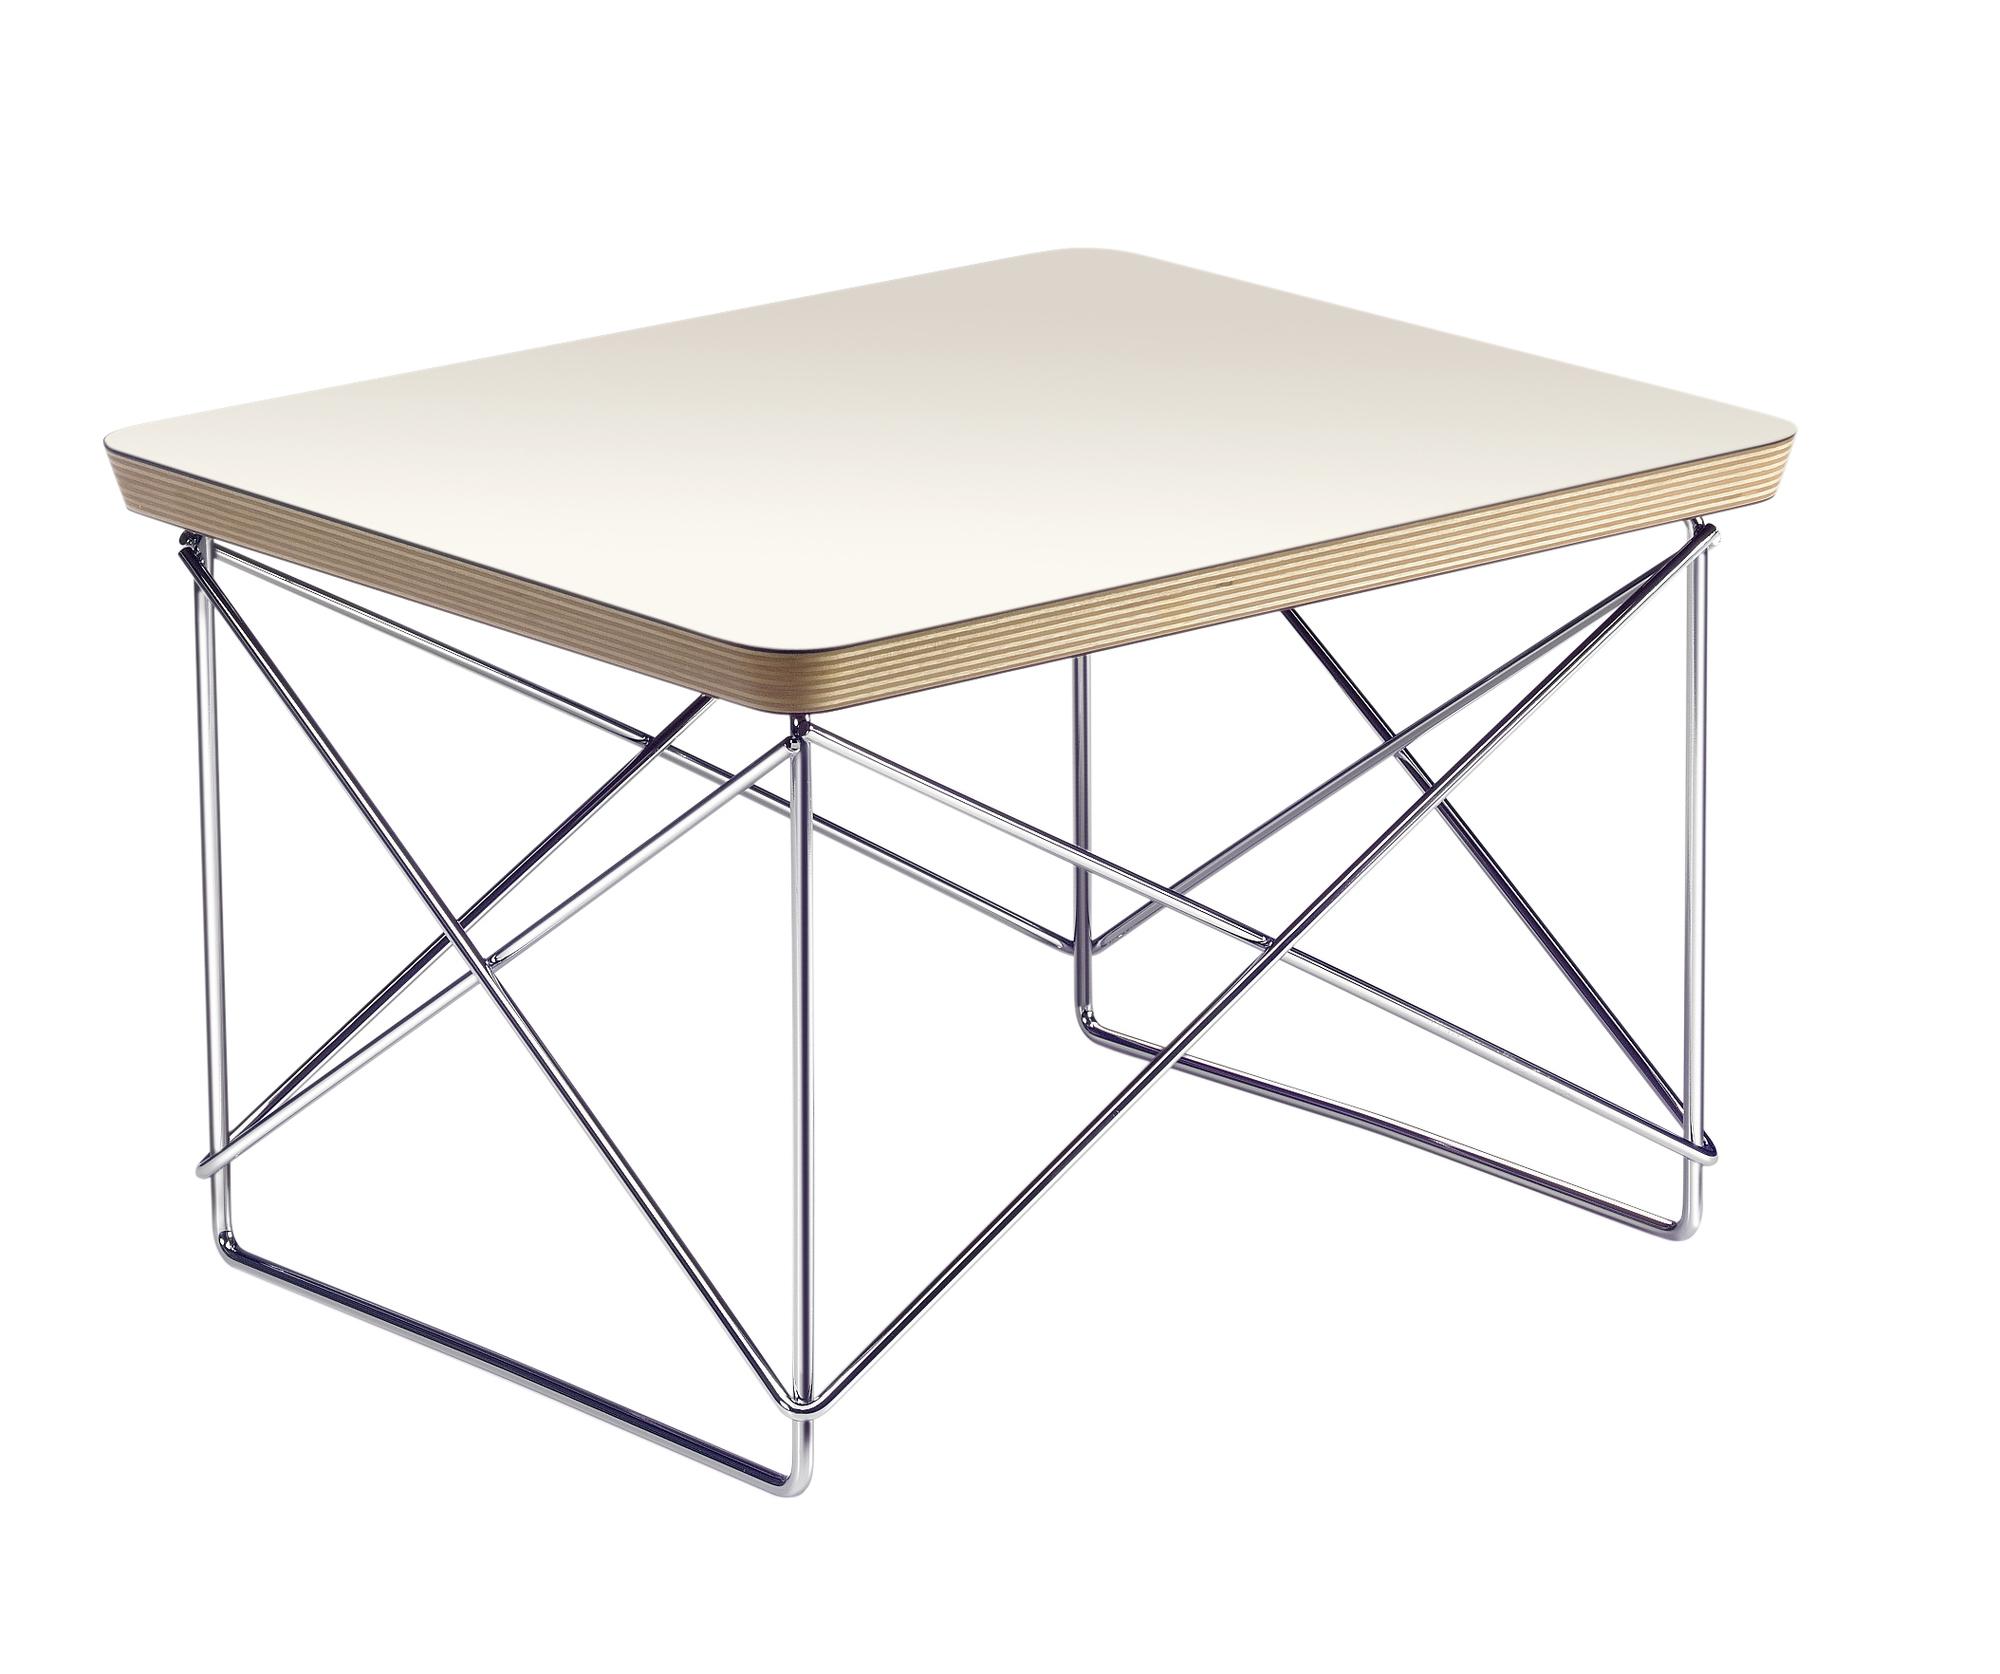 Occasional Table LTR Beistelltisch HPL Vitra